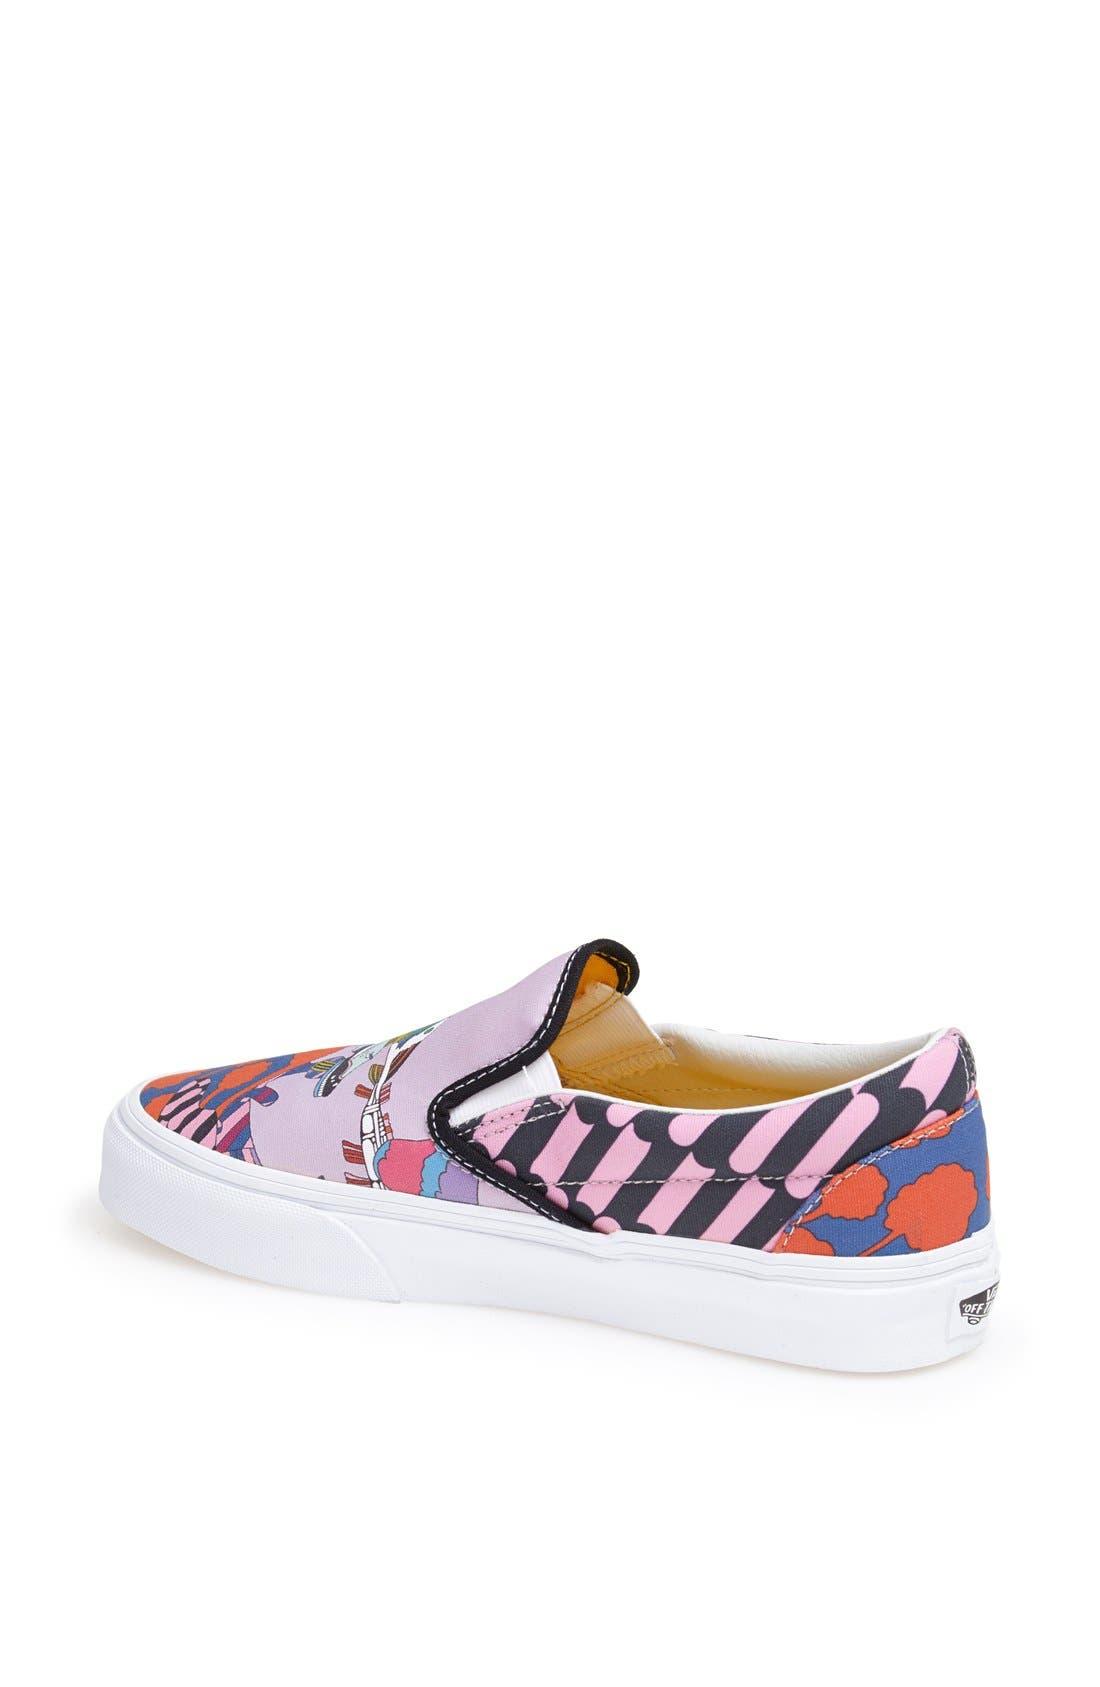 Alternate Image 2  - Vans 'Sea of Monster' Slip-On Sneaker (Women)